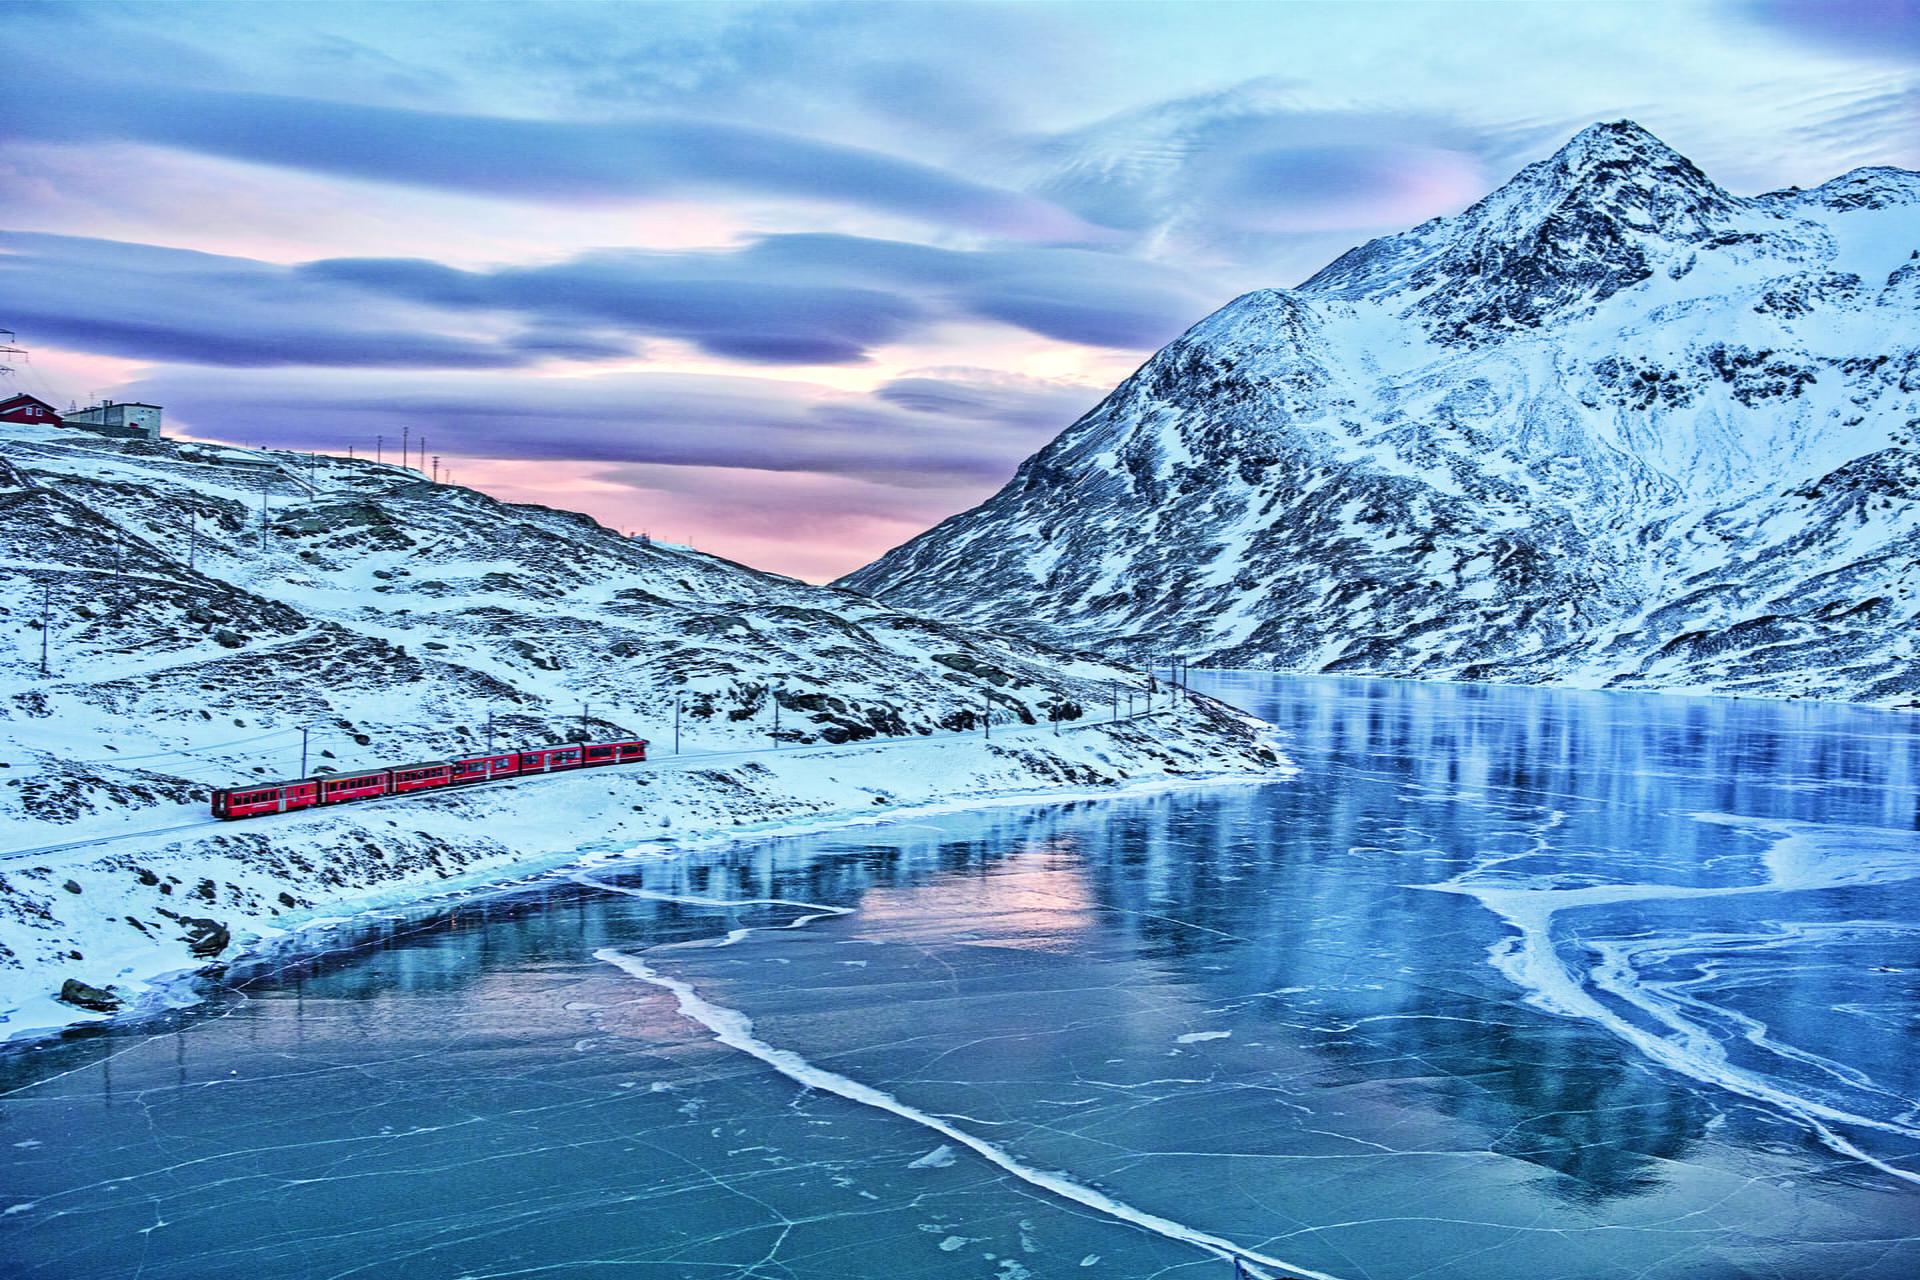 Αυτό το τρένο κάνει την πιο μαγευτική διαδρομή! Δείτε φωτογραφίες!